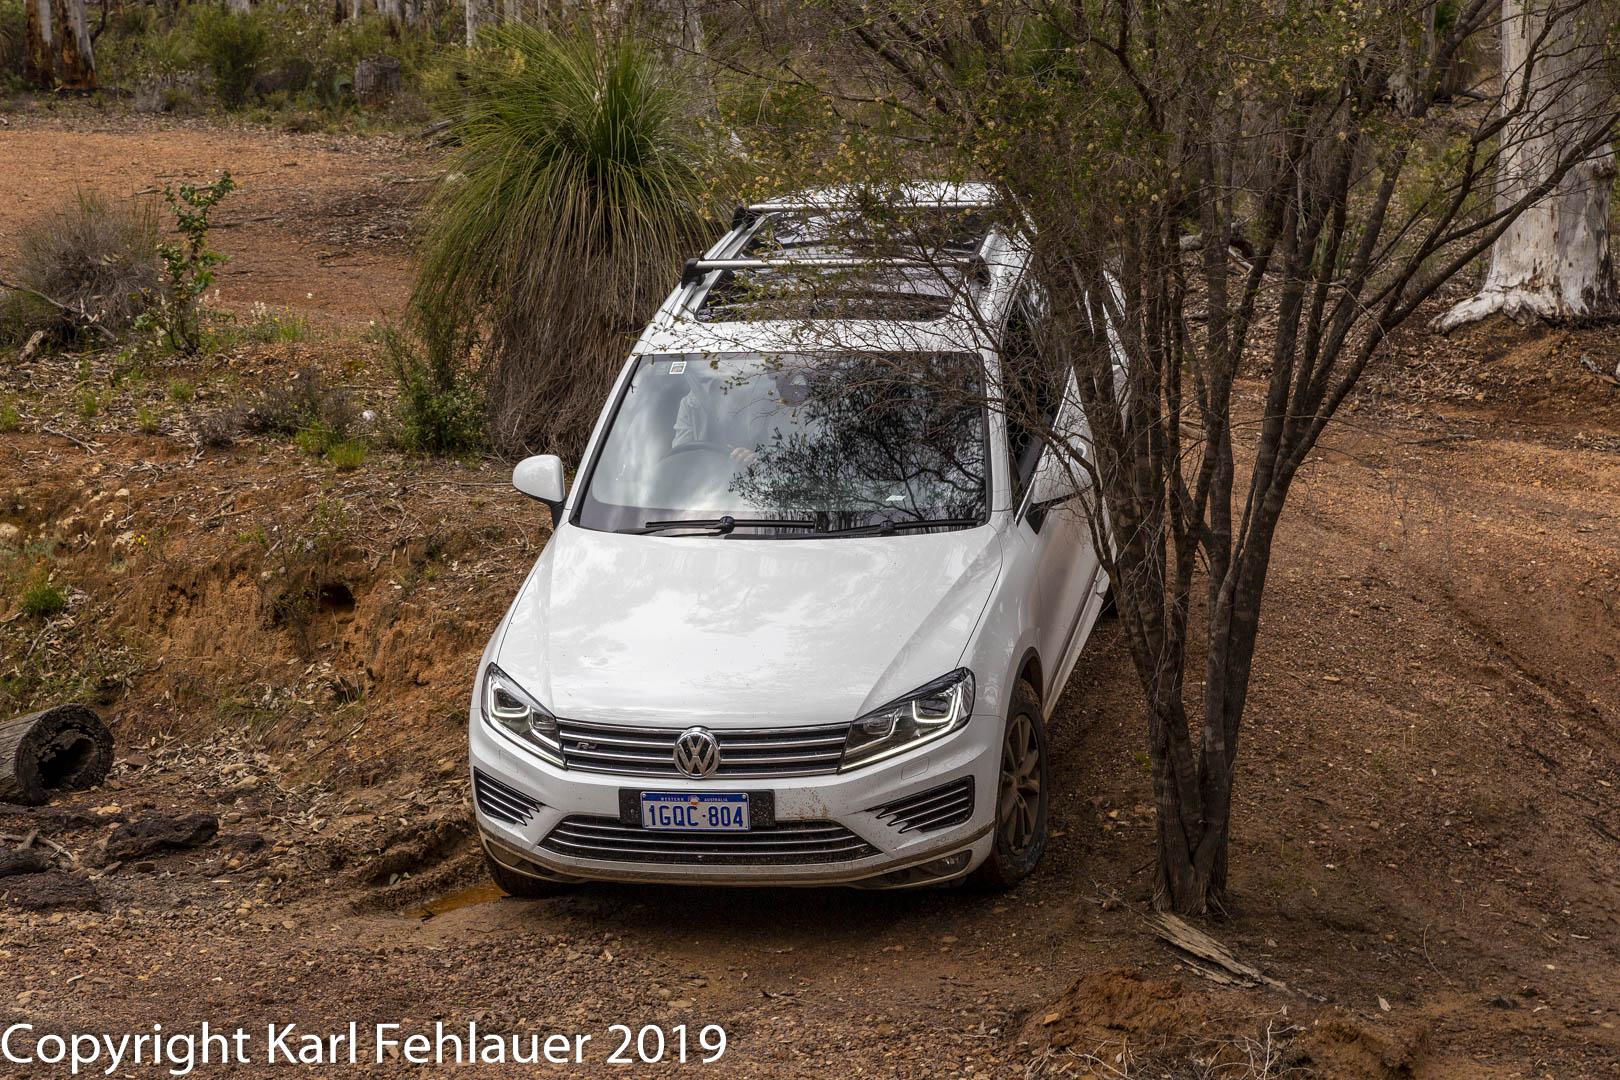 2019-10-05 4WD - 005-Edit.jpg